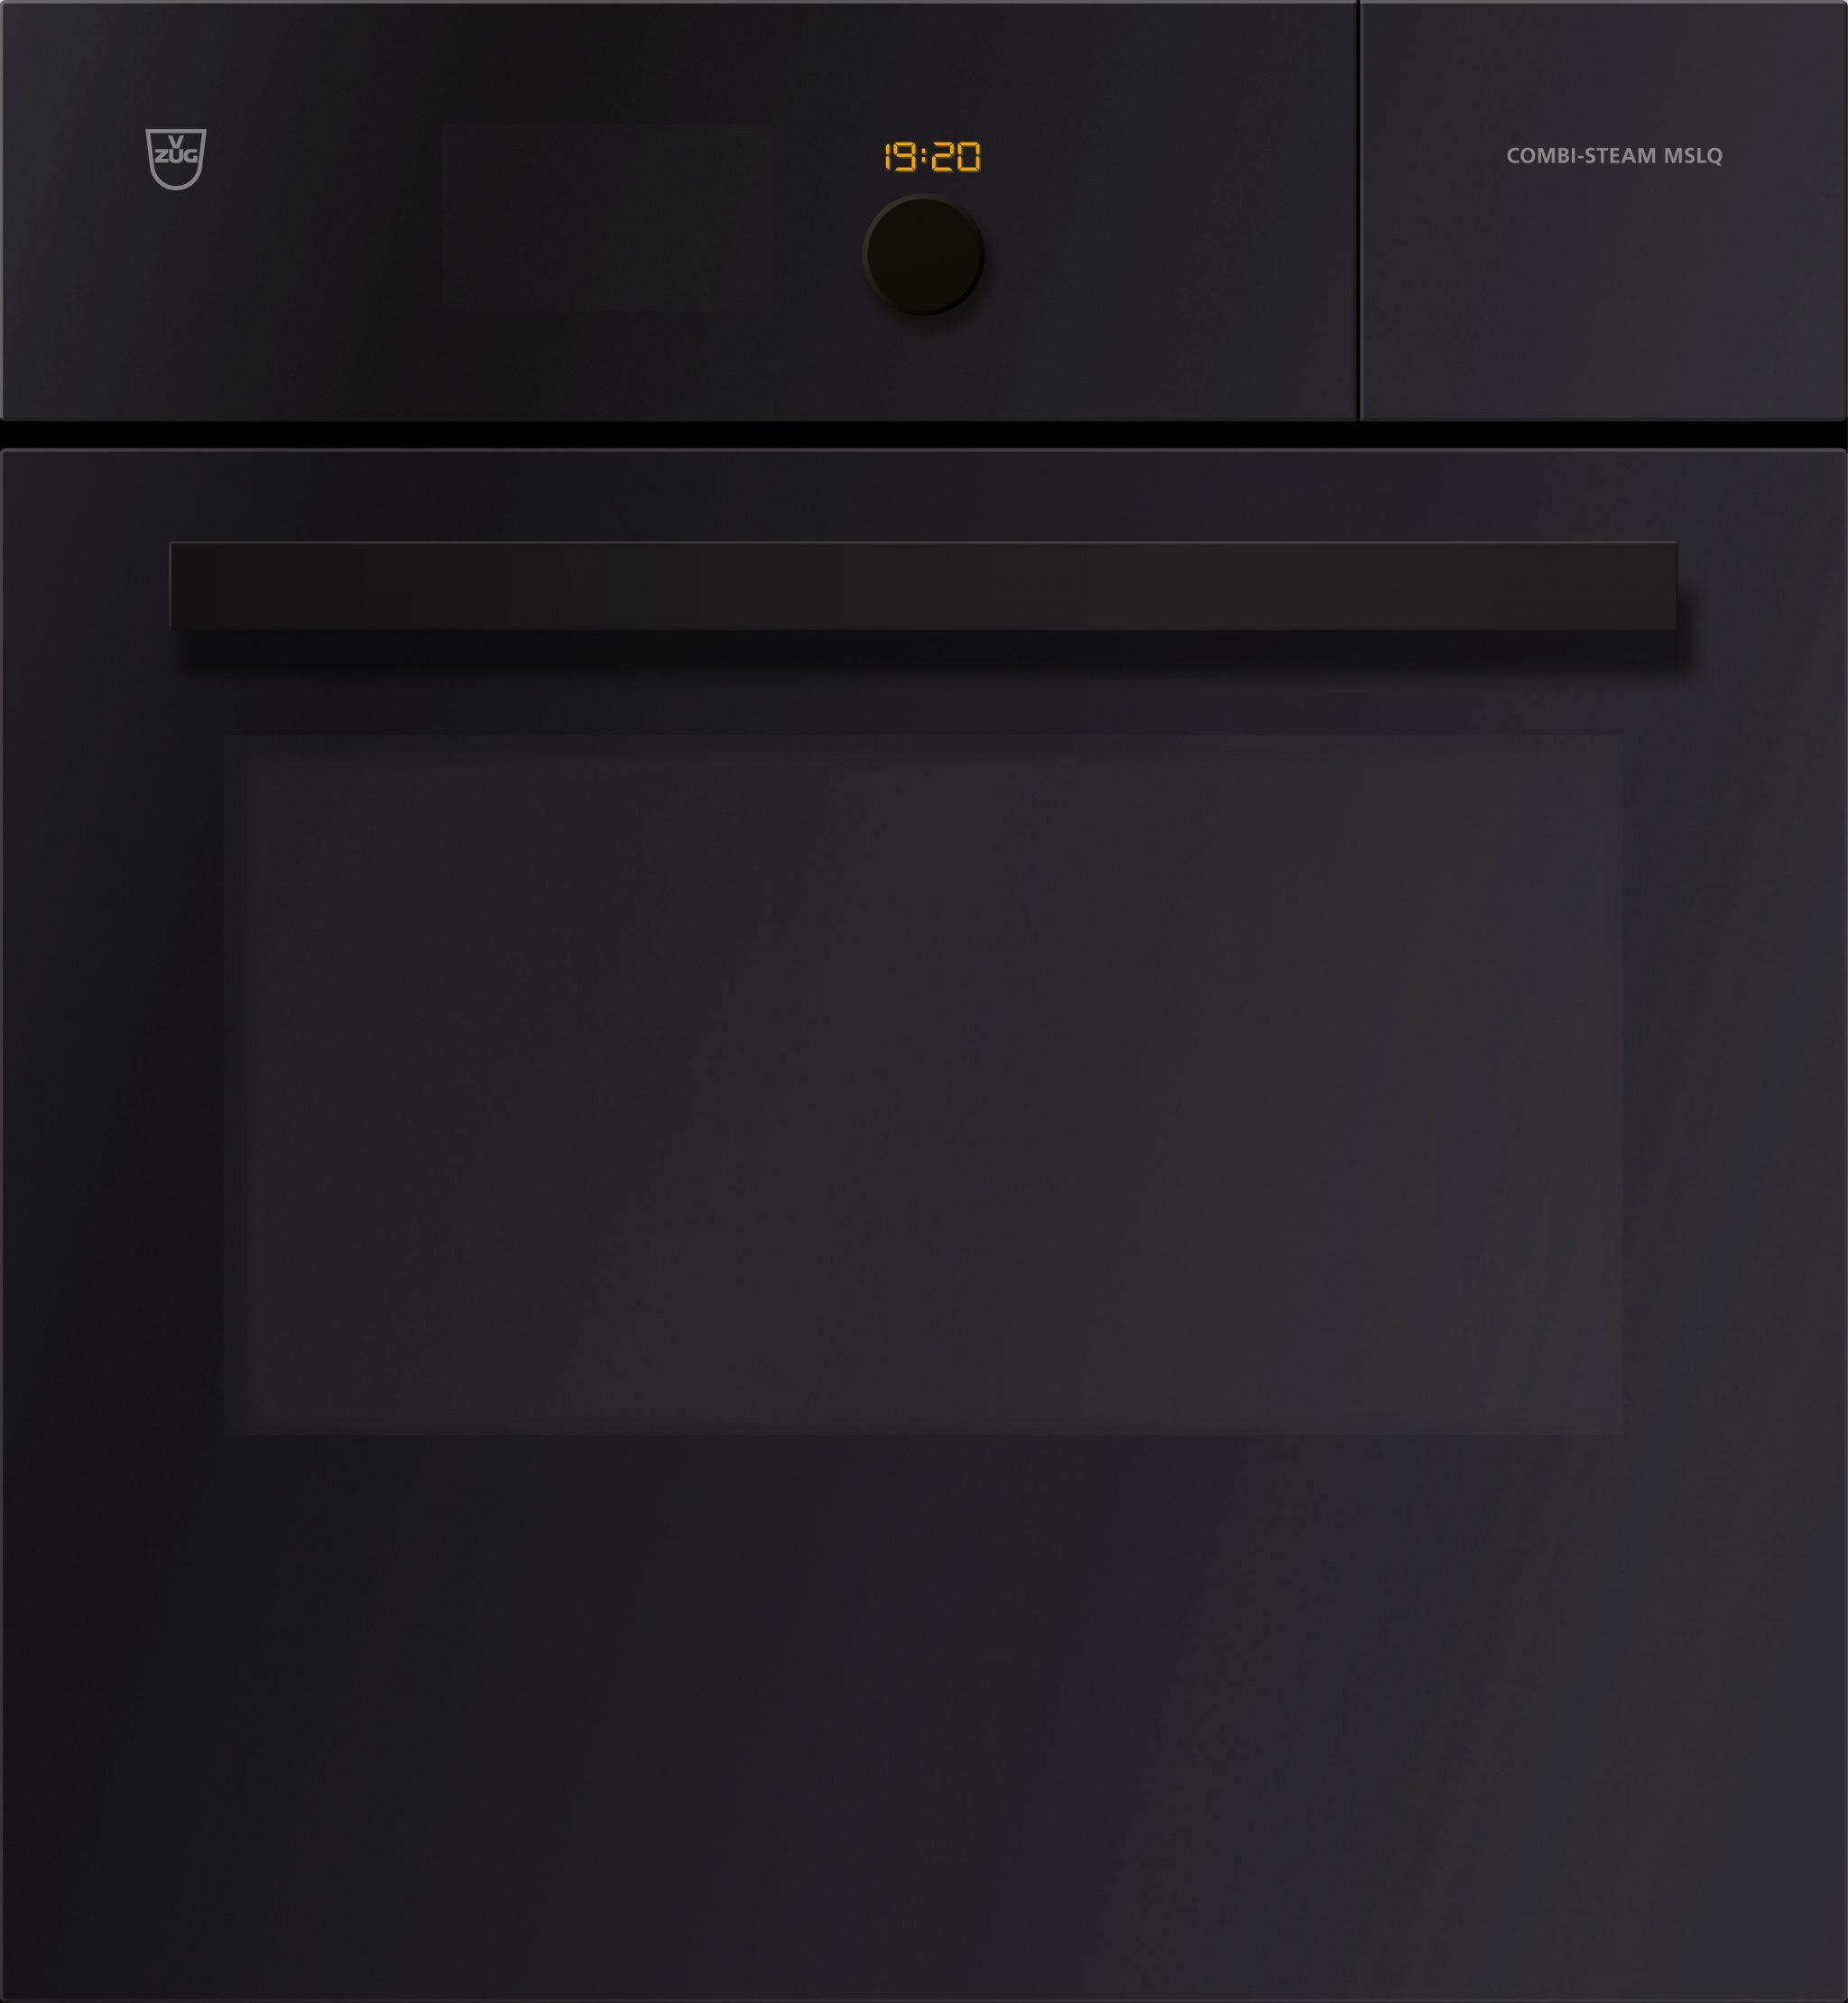 """תנור משולב אידוי, אפייה ומיקרוגל דגם Combi-Steam MSLQ רוחב: 60 ס""""מ גובה: 60 ס""""מ"""